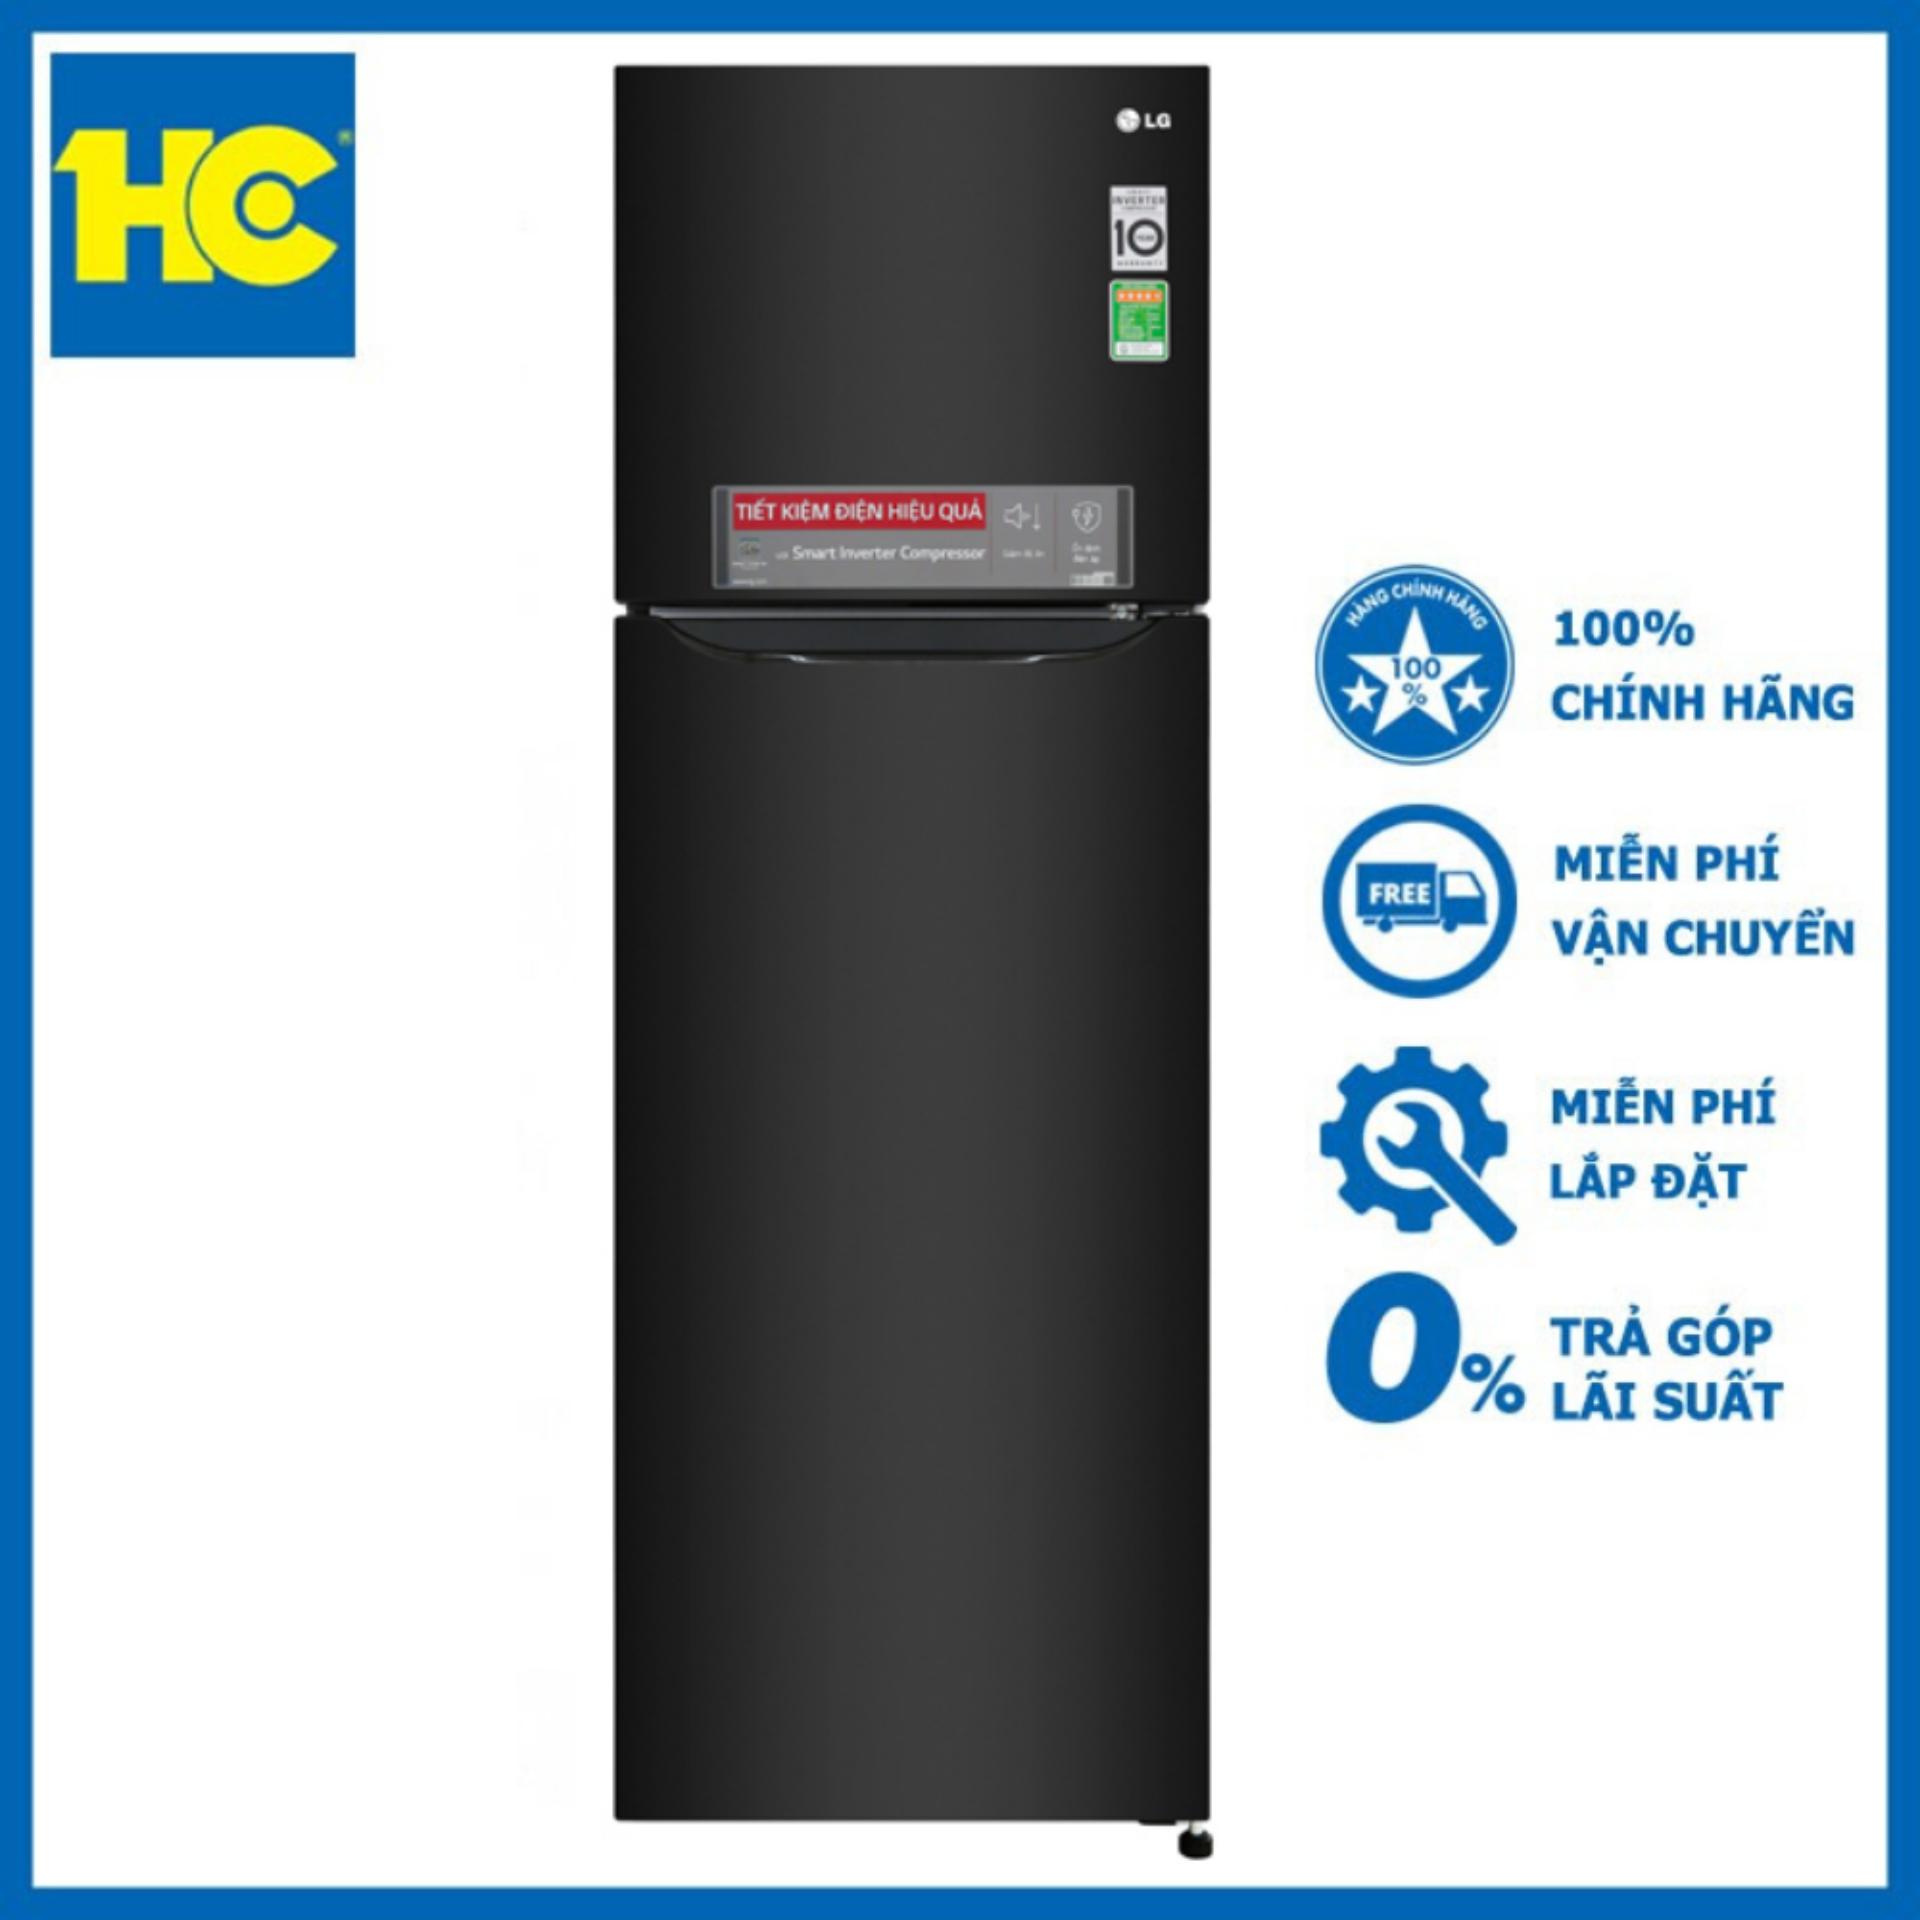 Tủ lạnh LG Inverter 255 lít GN-M255BL-Màu Đen-Công nghệ Inverter tiết kiệm điện-Công nghệ DoorCooling+& Nano Cacbon-Chẩn đoán thông minh Smart Diagnosis